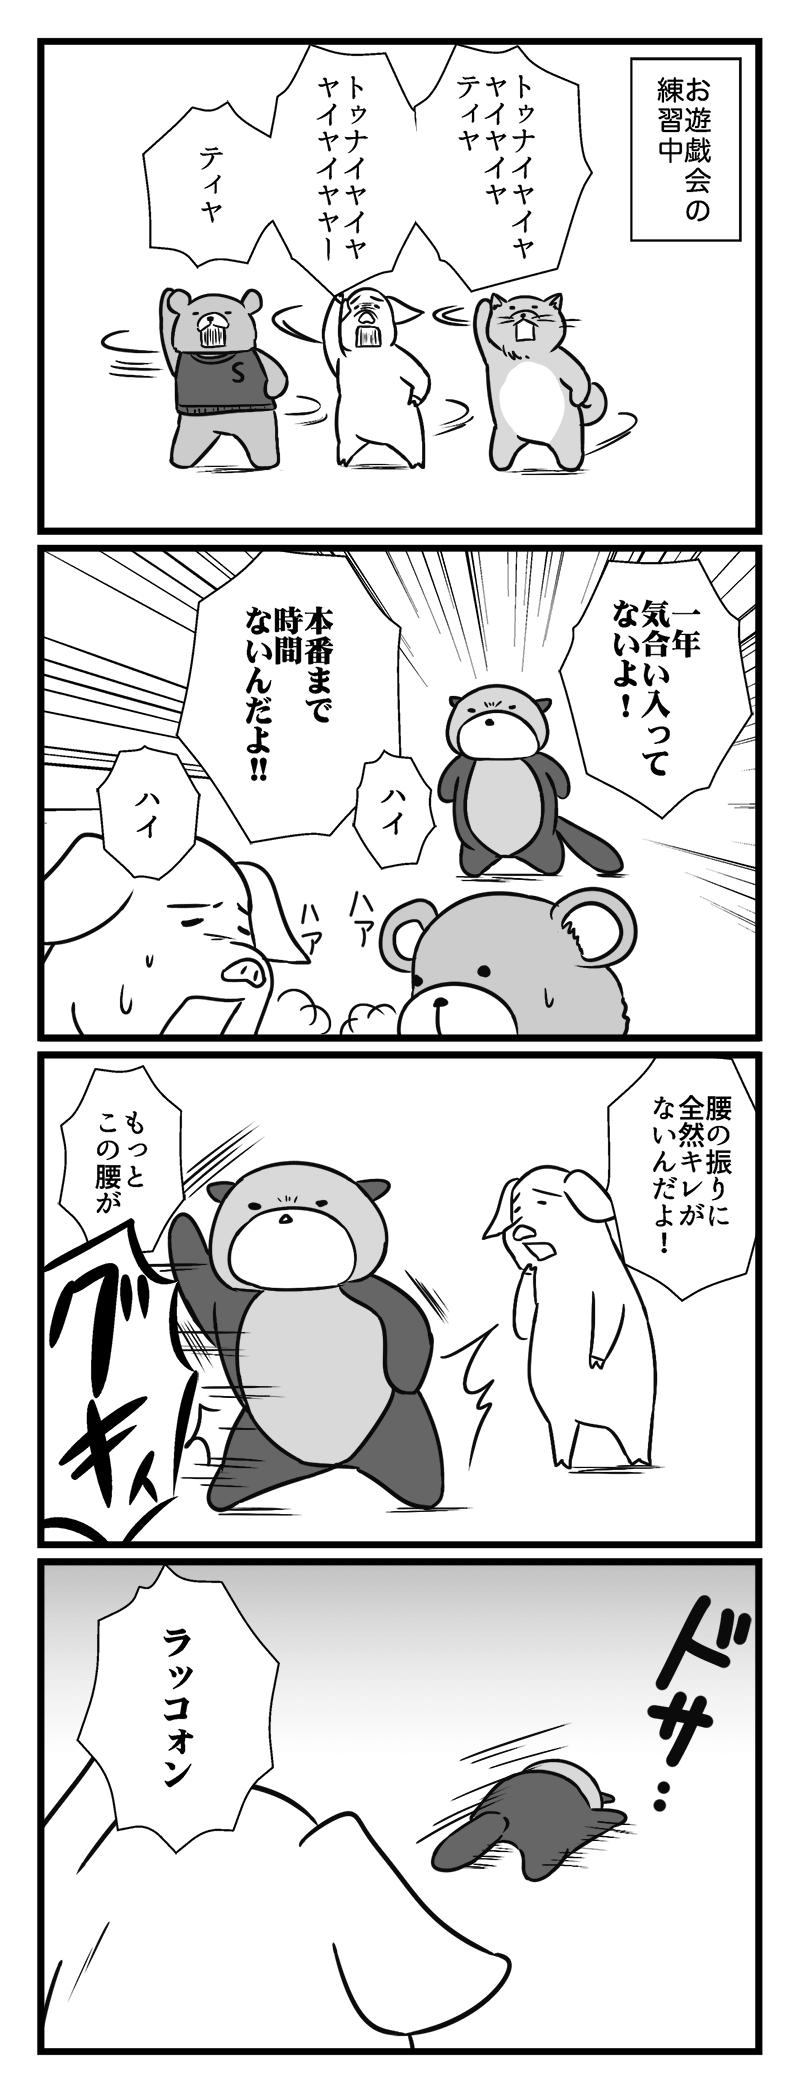 漫画2-1